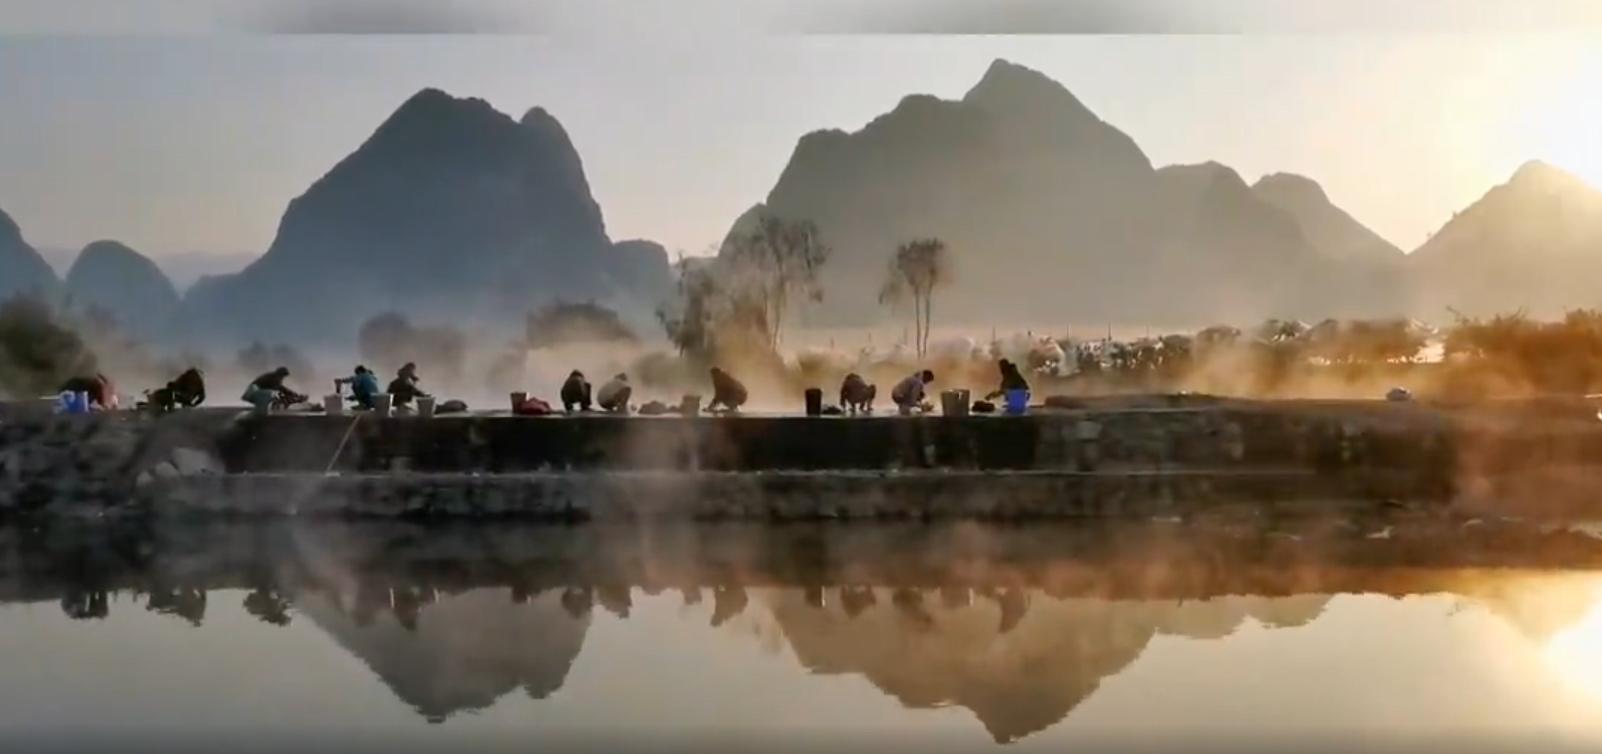 桂林山水甲天下,华为P30系列-花粉俱乐部